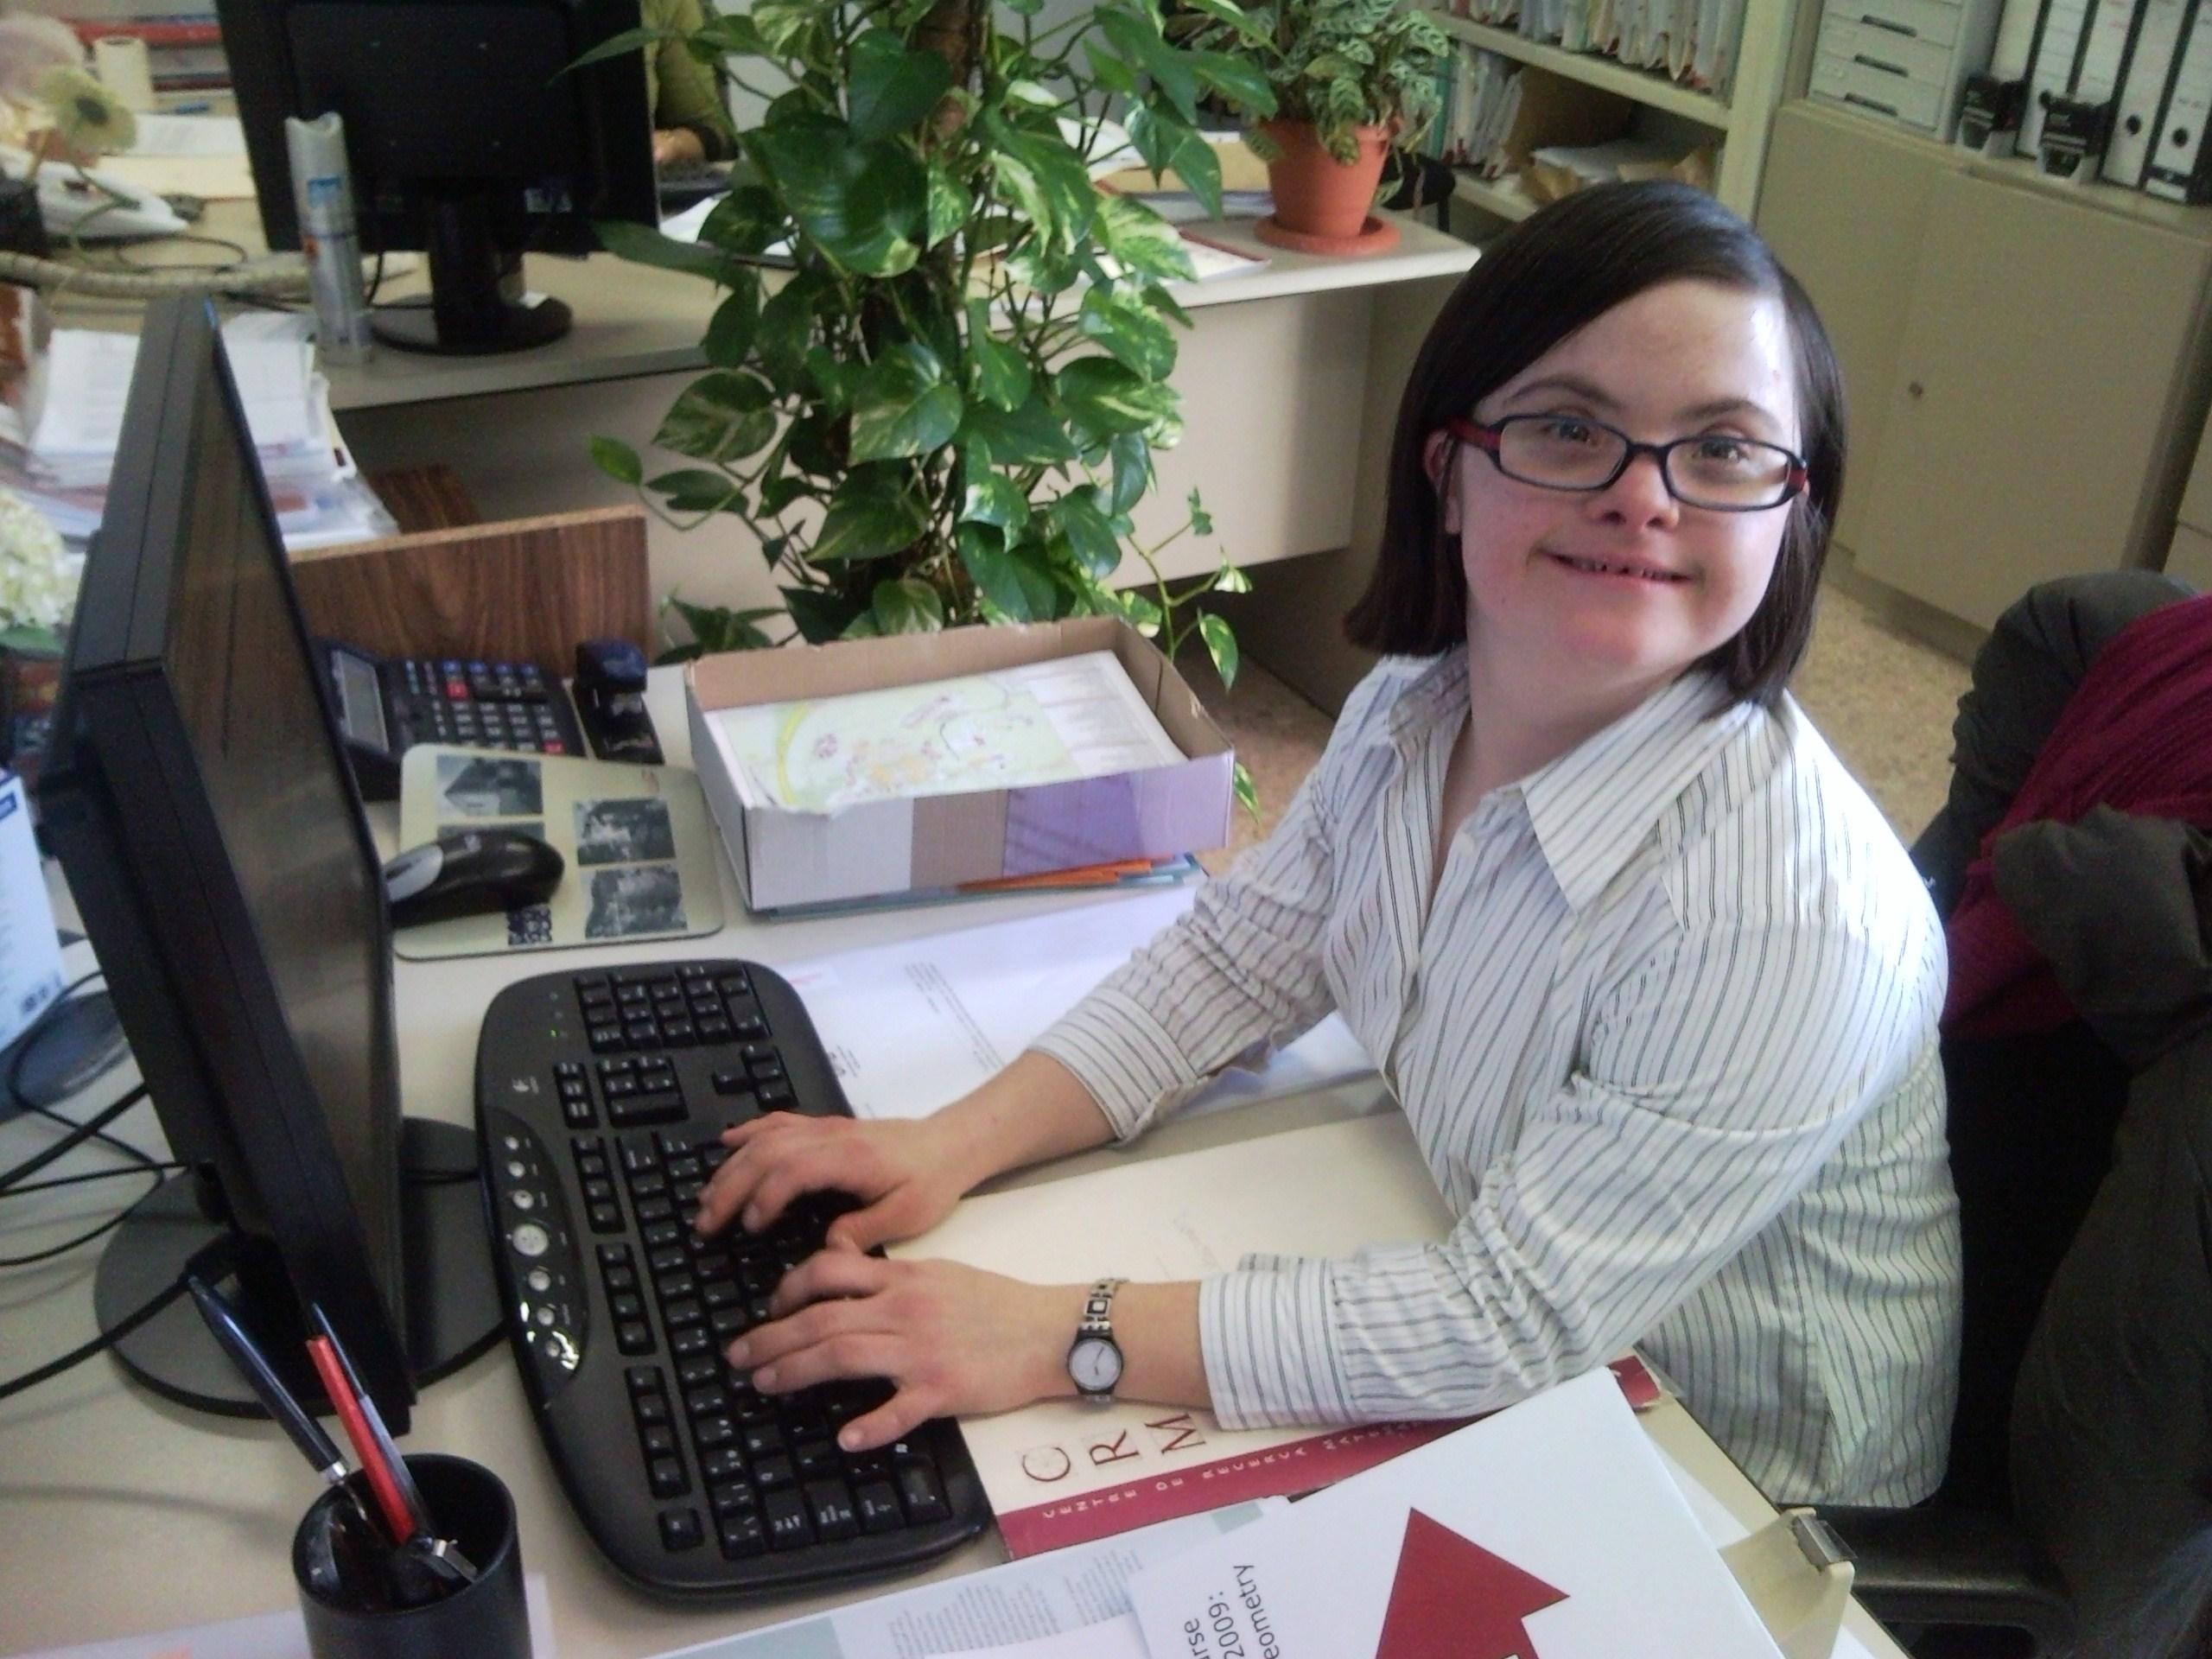 Jóvenes con discapacidad logran ser independientes y alcanzan su sueño laboral